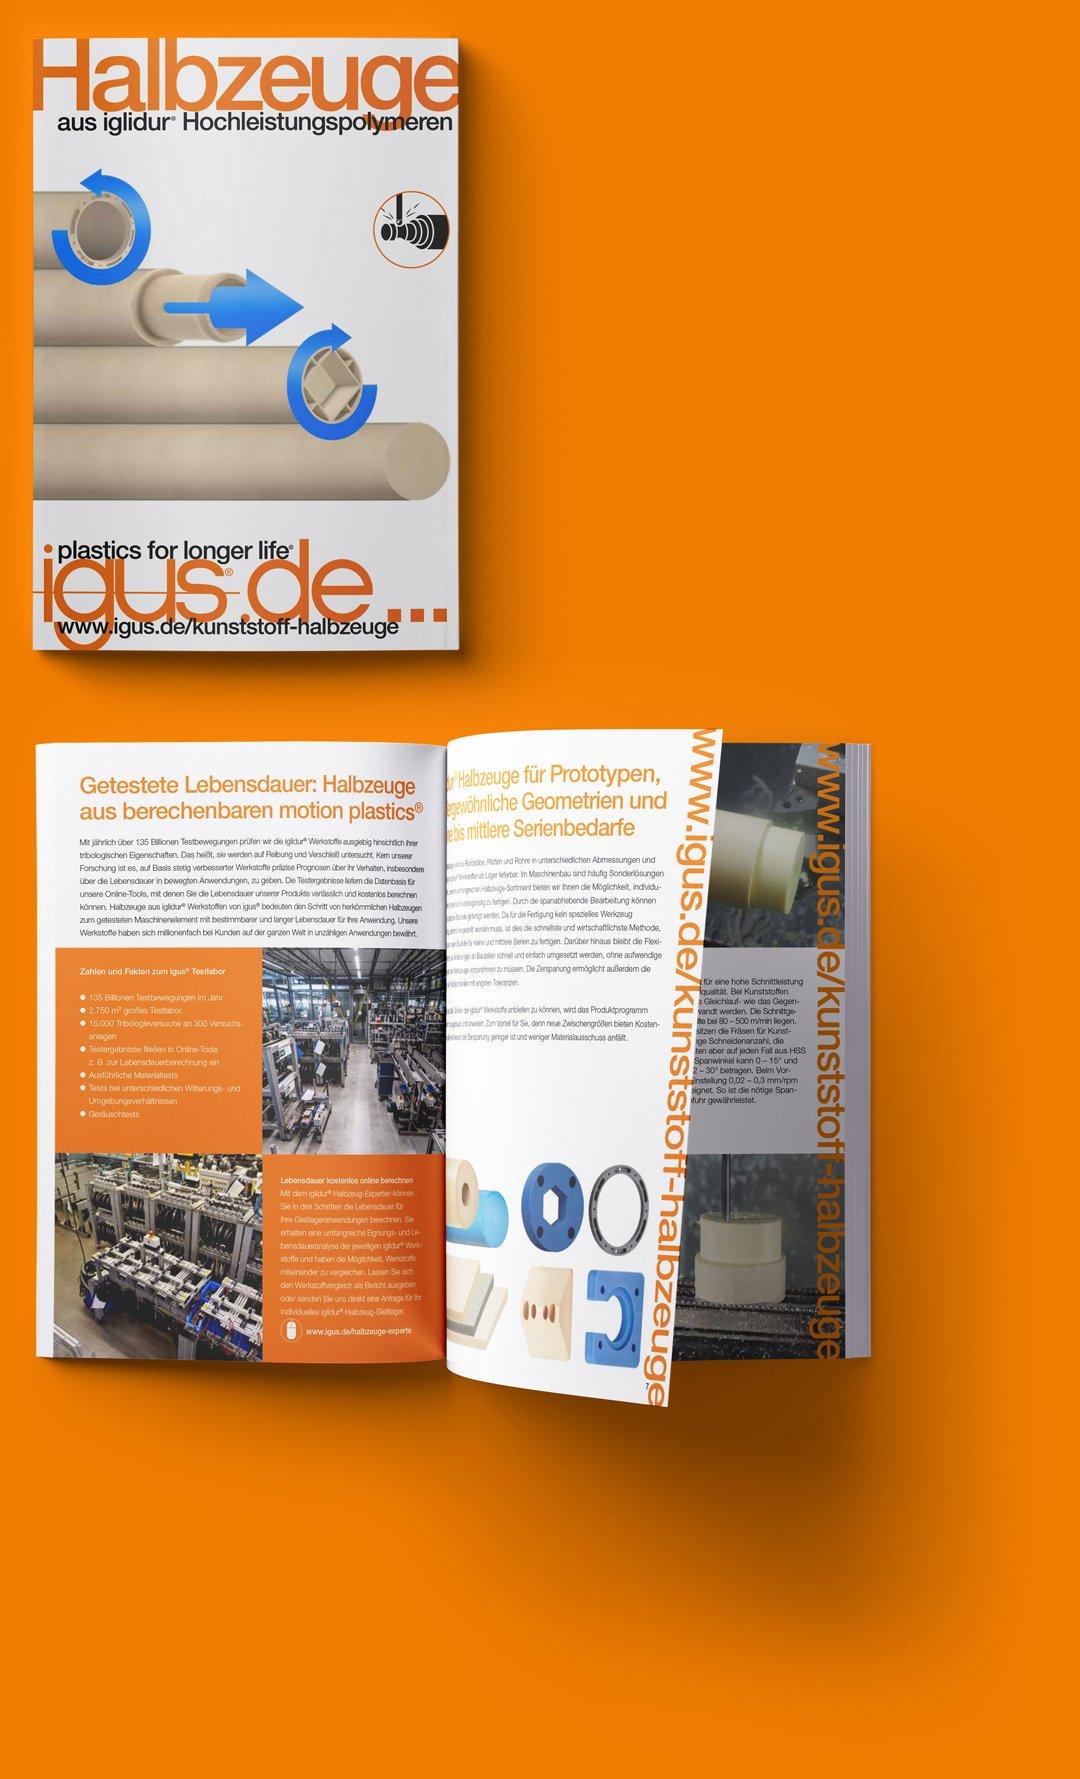 Halbzeuge_Broschuere